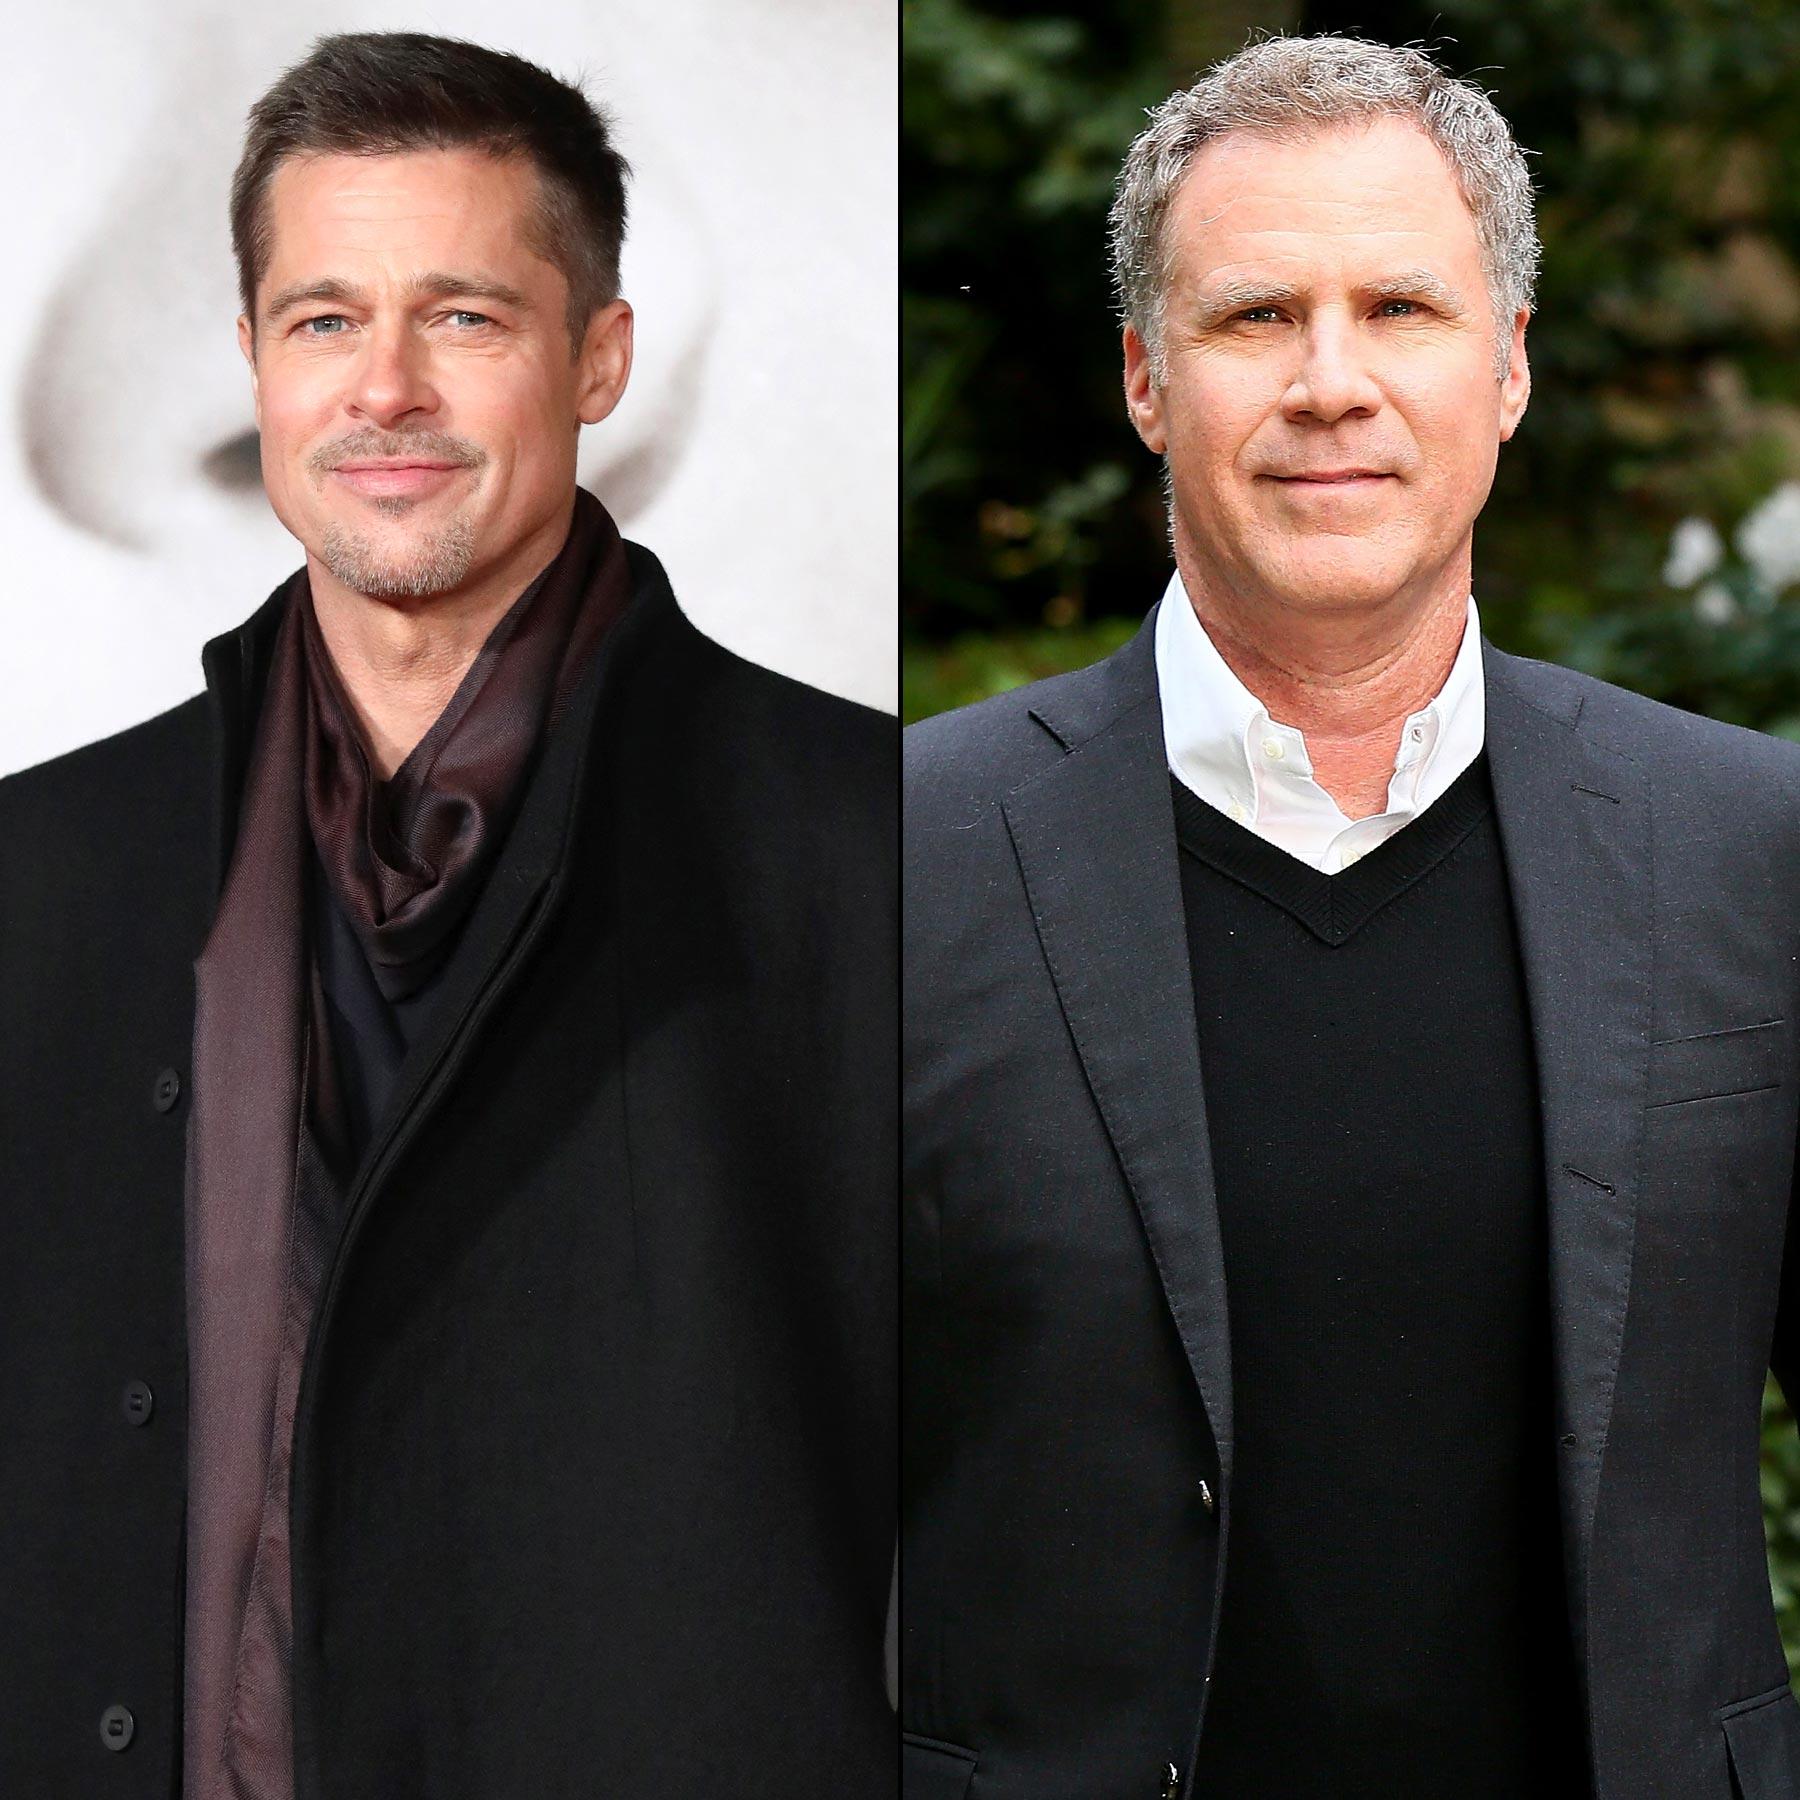 Brad-Pitt-Will-Ferrell